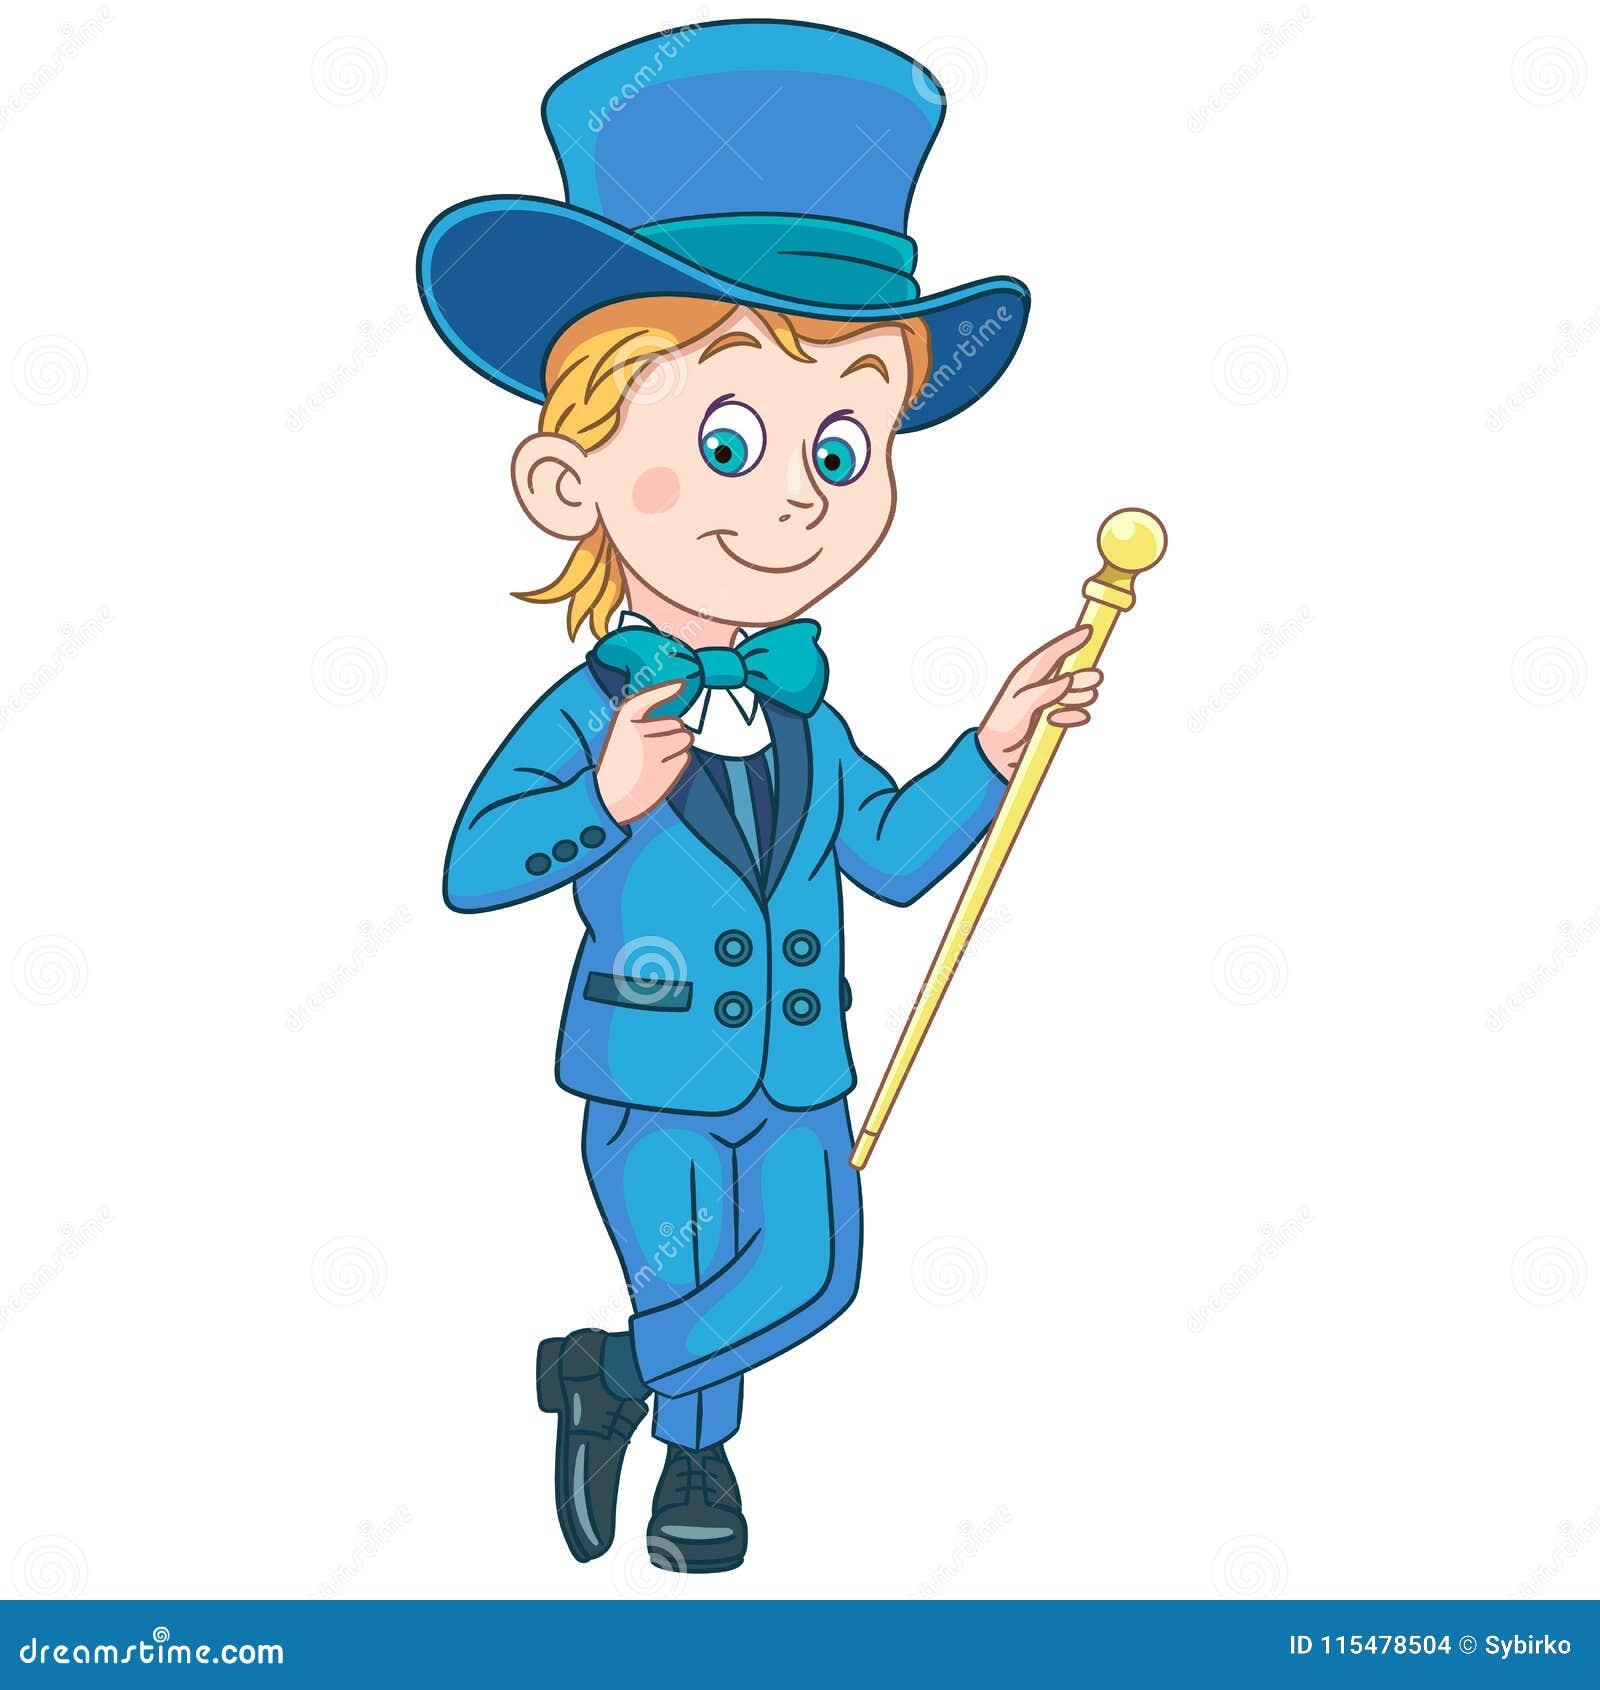 Cartoon gentleman in tuxedo and top hat